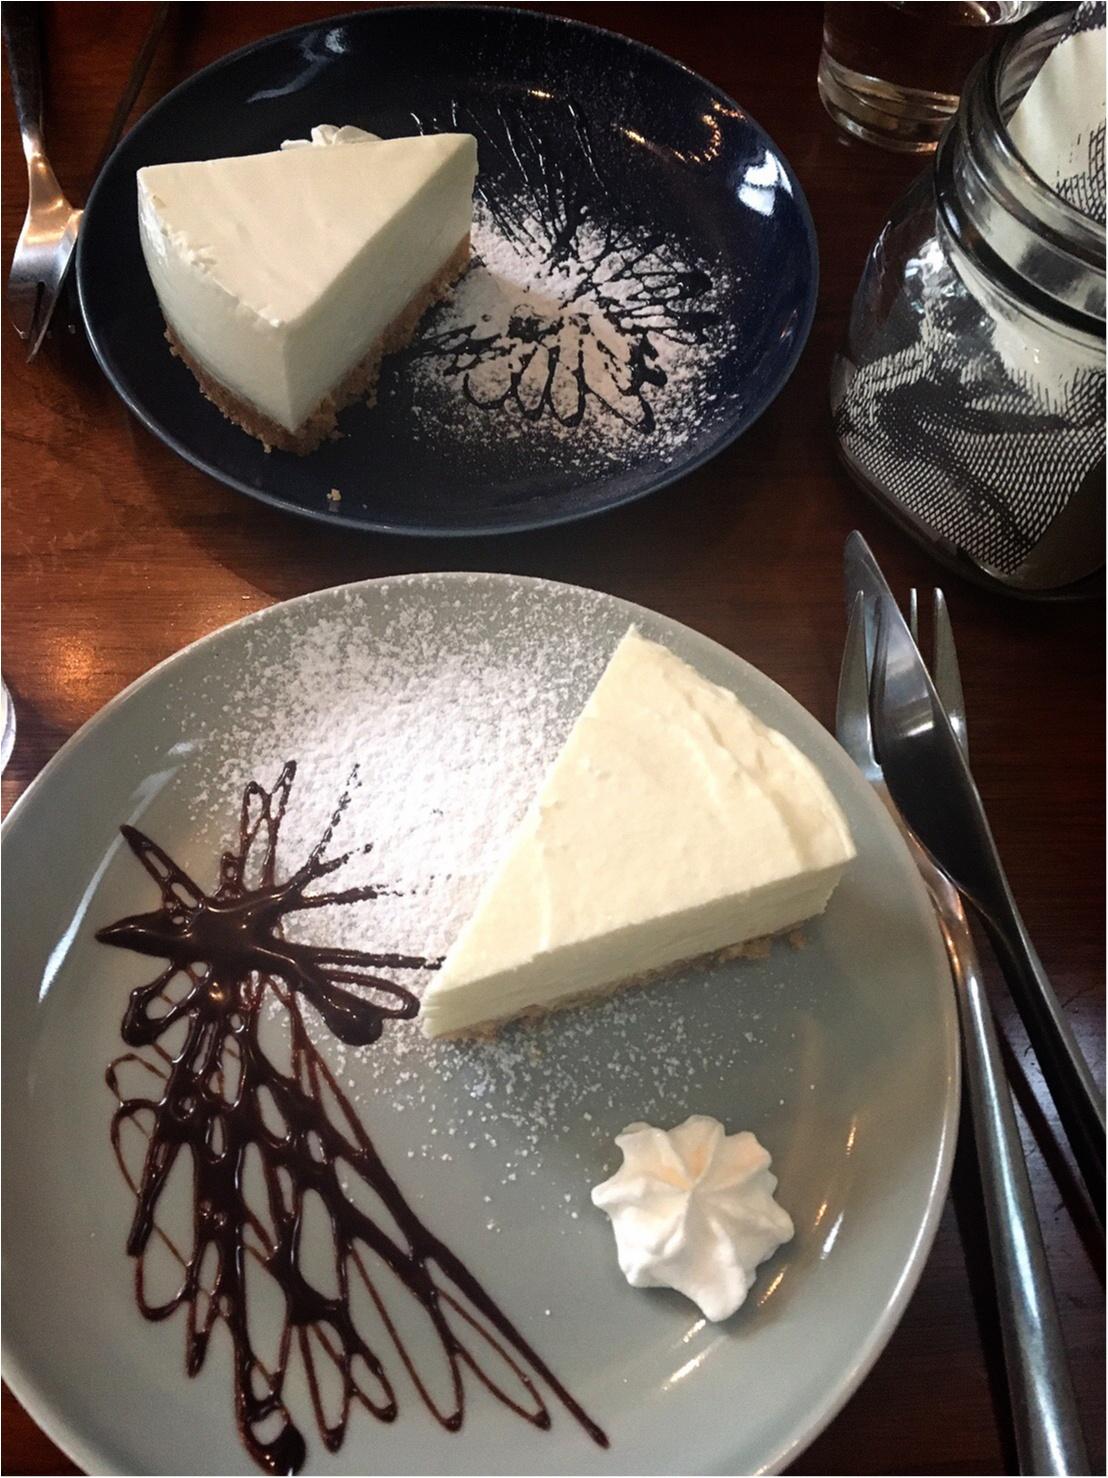 もお〜うまいもぉ♡【三軒茶屋】チーズケーキ専門店に初めていってみた♡_5_3